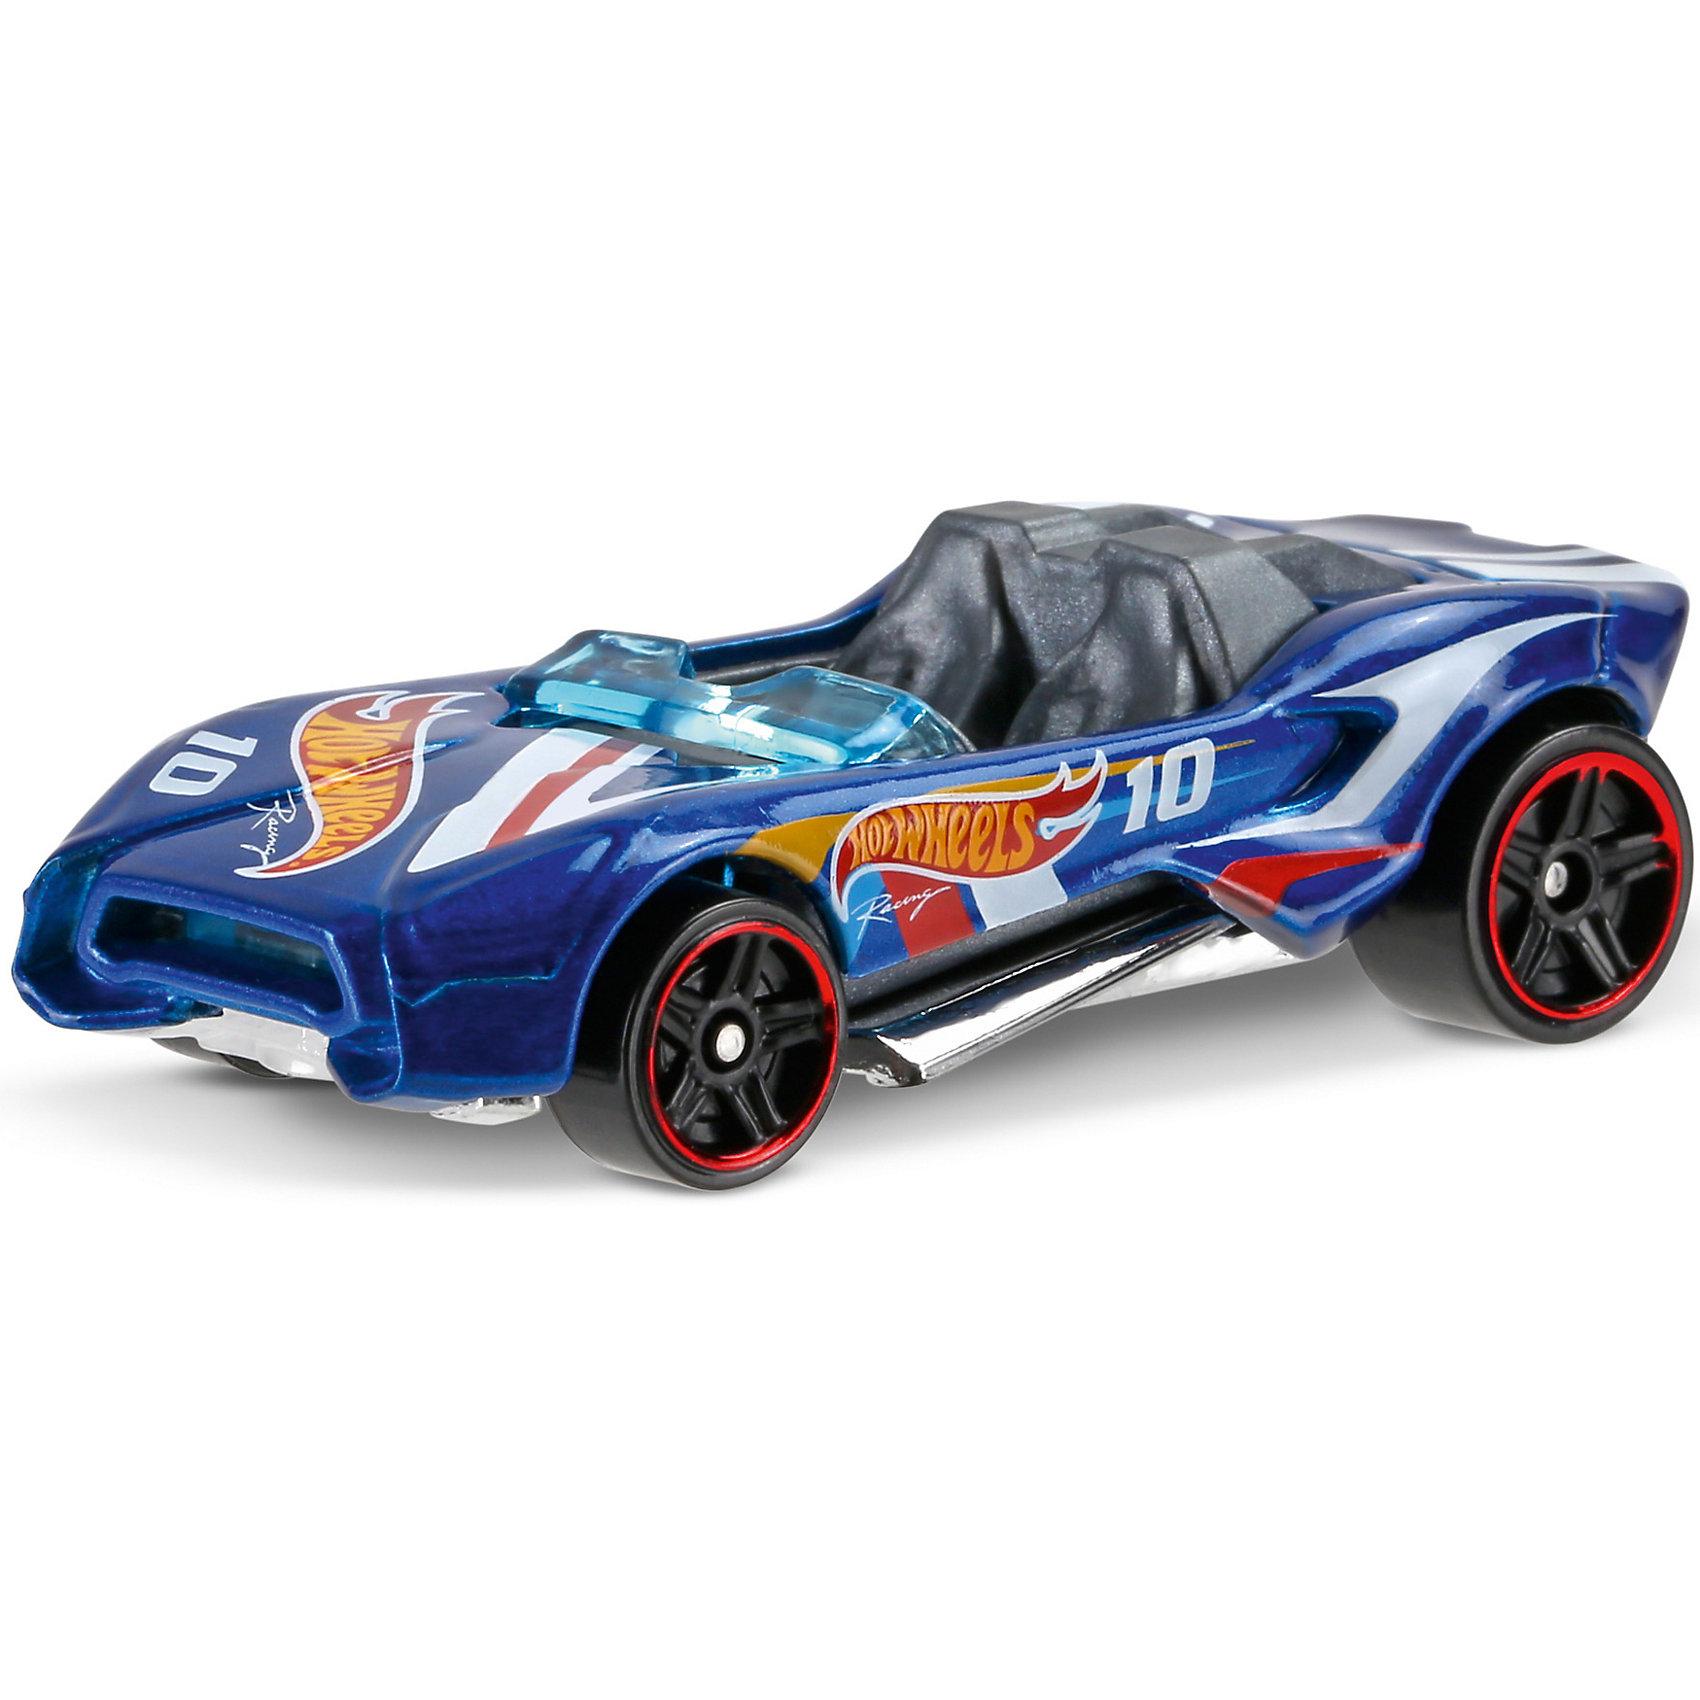 Машинка Hot Wheels из базовой коллекцииМашинка Hot Wheels из базовой коллекции – высококачественная масштабная модель машины, имеющая неординарный, радикальный дизайн. <br><br>В упаковке 1 машинка,  машинки тематически обусловлены от фантазийных, спасательных до экстремальных и просто скоростных машин. <br><br>Соберите свою коллекцию машинок Hot Wheels!<br><br>Дополнительная информация: <br><br>Машинка стандартного размера Hot Wheels<br>Размер упаковки: 11 х 10,5 х 3,5 см<br><br>Ширина мм: 110<br>Глубина мм: 45<br>Высота мм: 110<br>Вес г: 30<br>Возраст от месяцев: 36<br>Возраст до месяцев: 96<br>Пол: Мужской<br>Возраст: Детский<br>SKU: 5033399